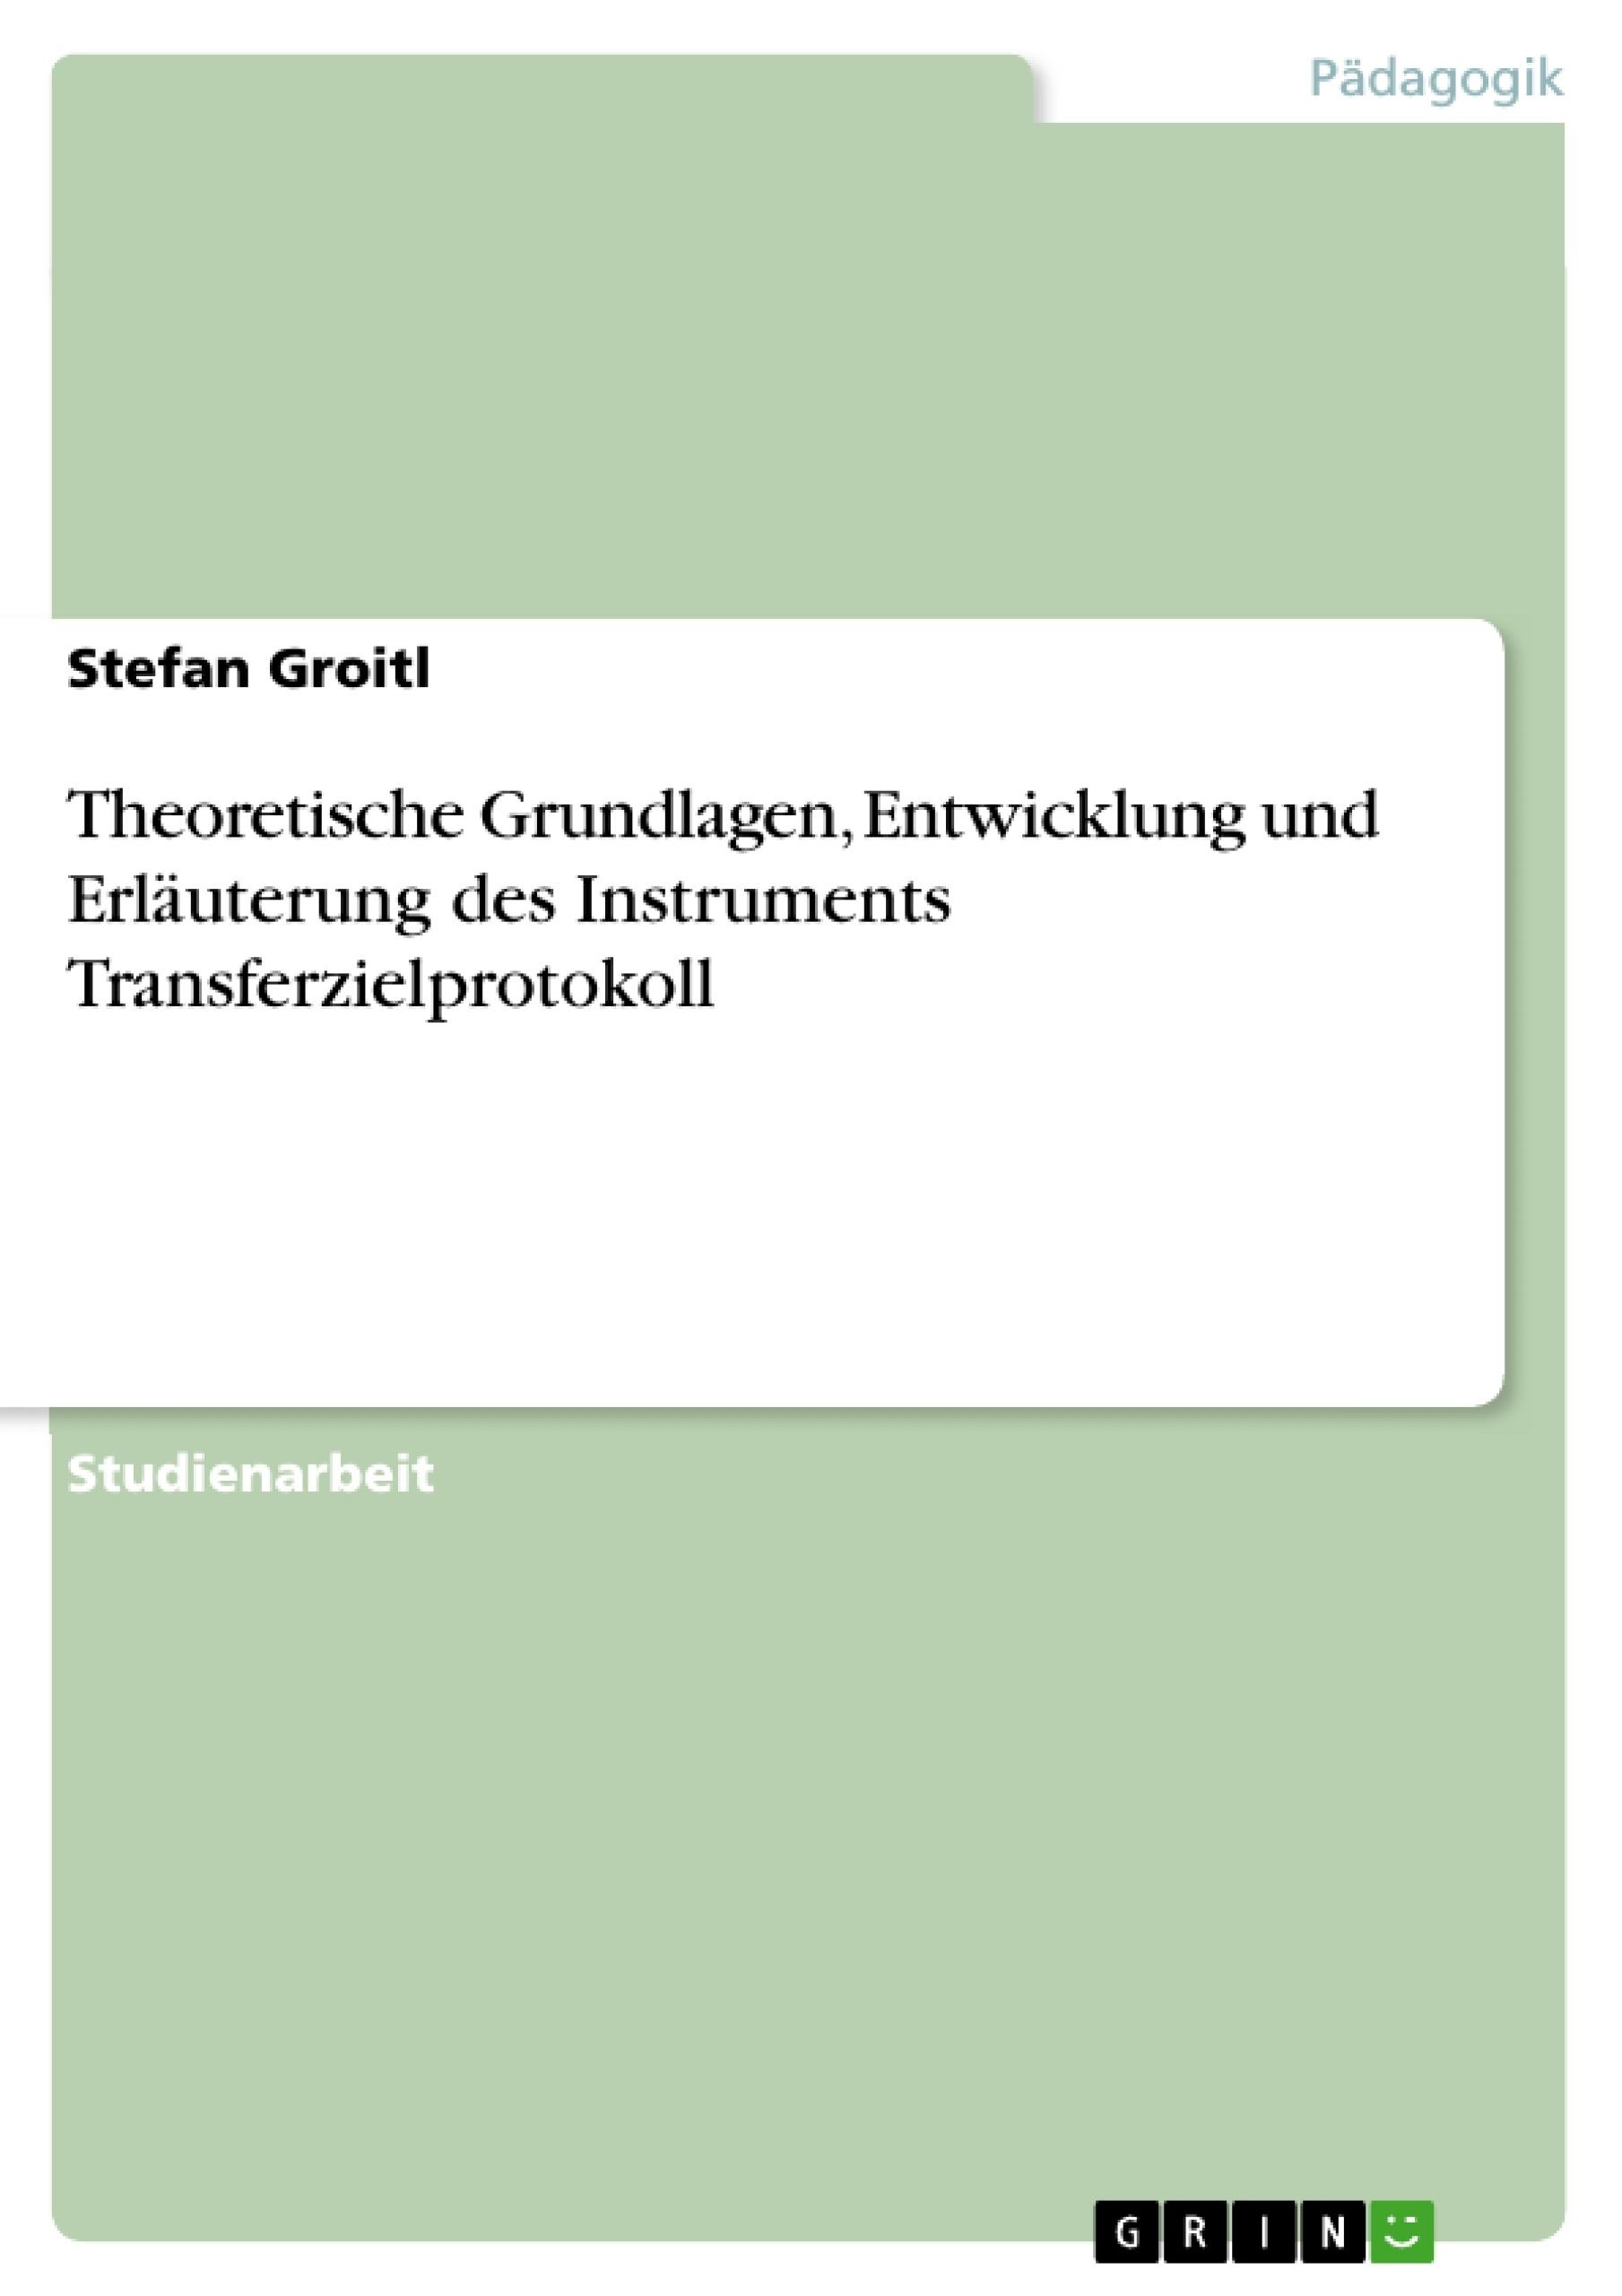 Titel: Theoretische Grundlagen, Entwicklung und Erläuterung des Instruments Transferzielprotokoll